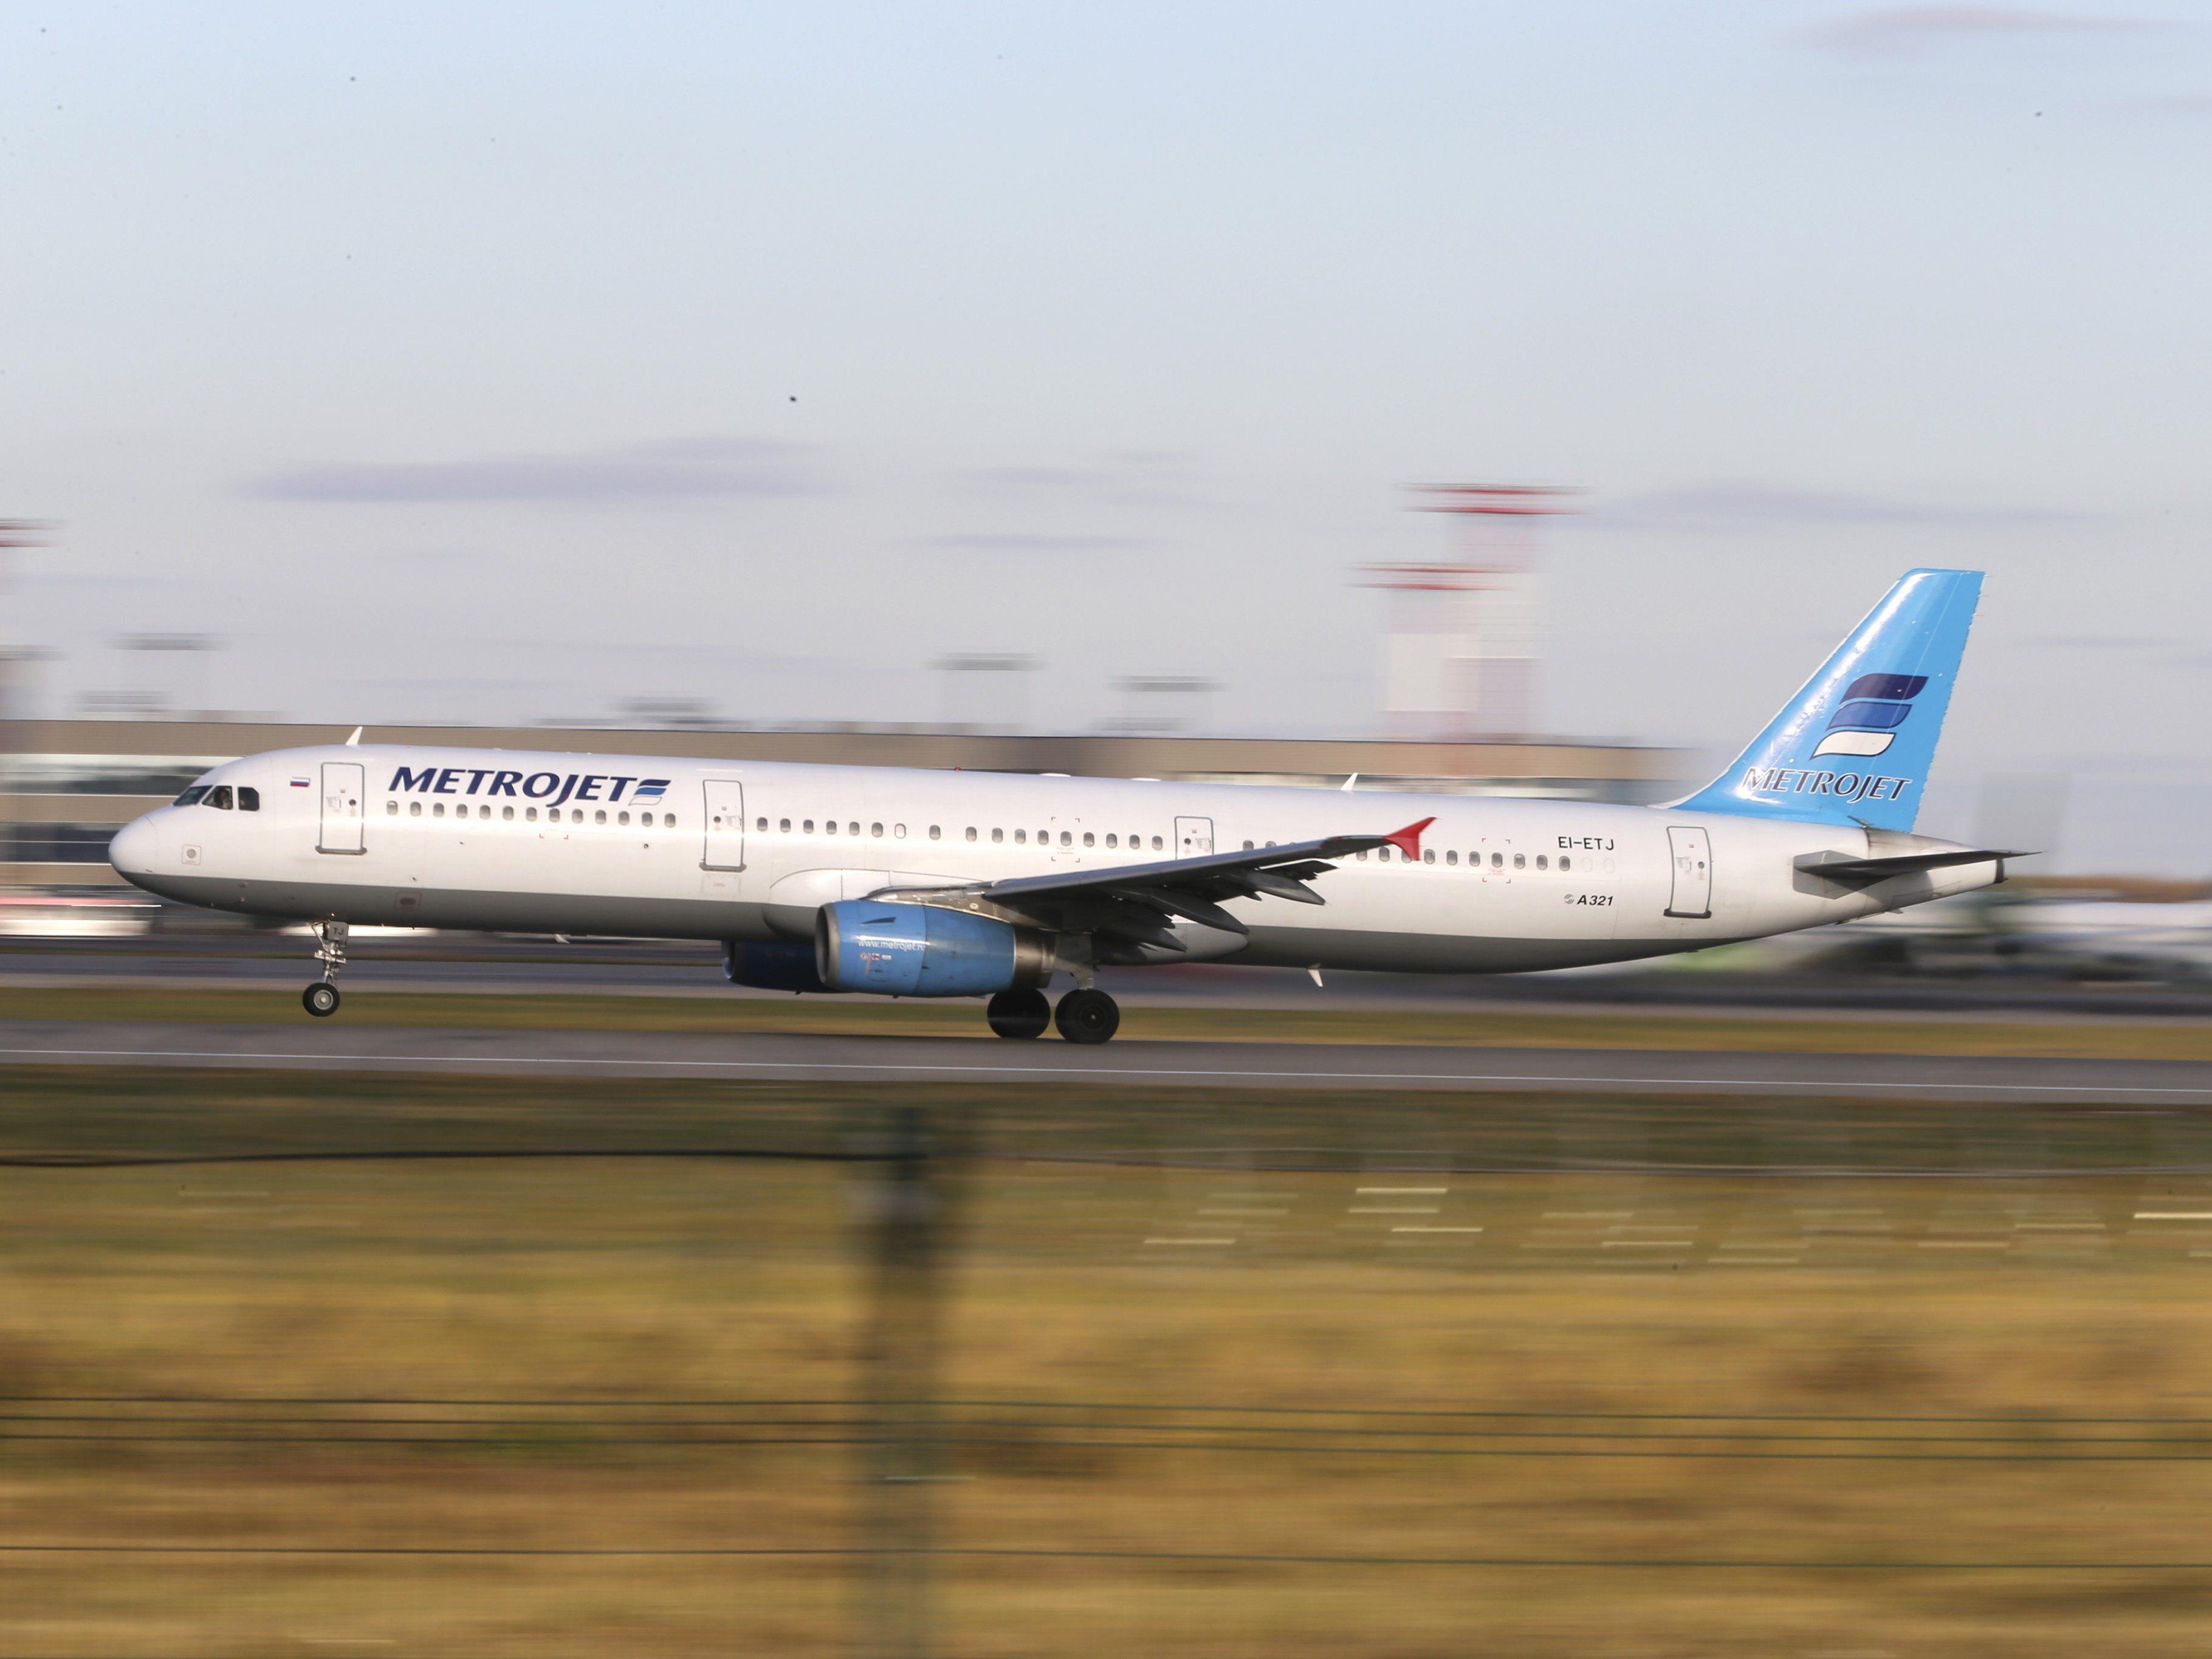 Russisches Passagierflugzeug im Sinai abgestürzt - 224 Passagiere an Bord.